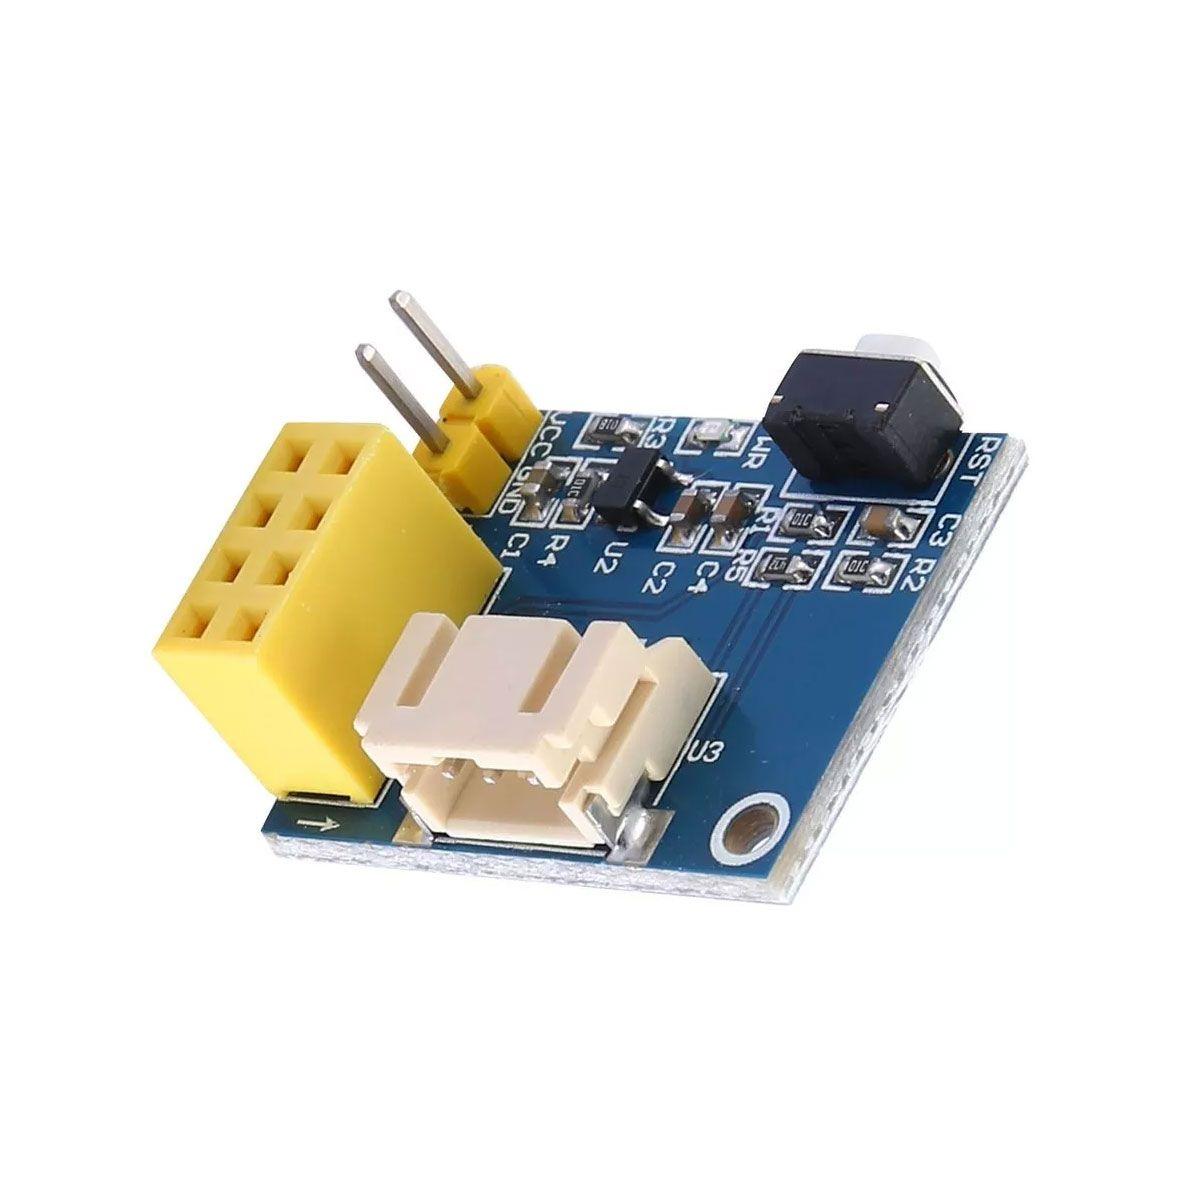 Módulo Controlador Ws2812 Rgb Fita de Led para Esp8266 Esp -01 Esp -01s